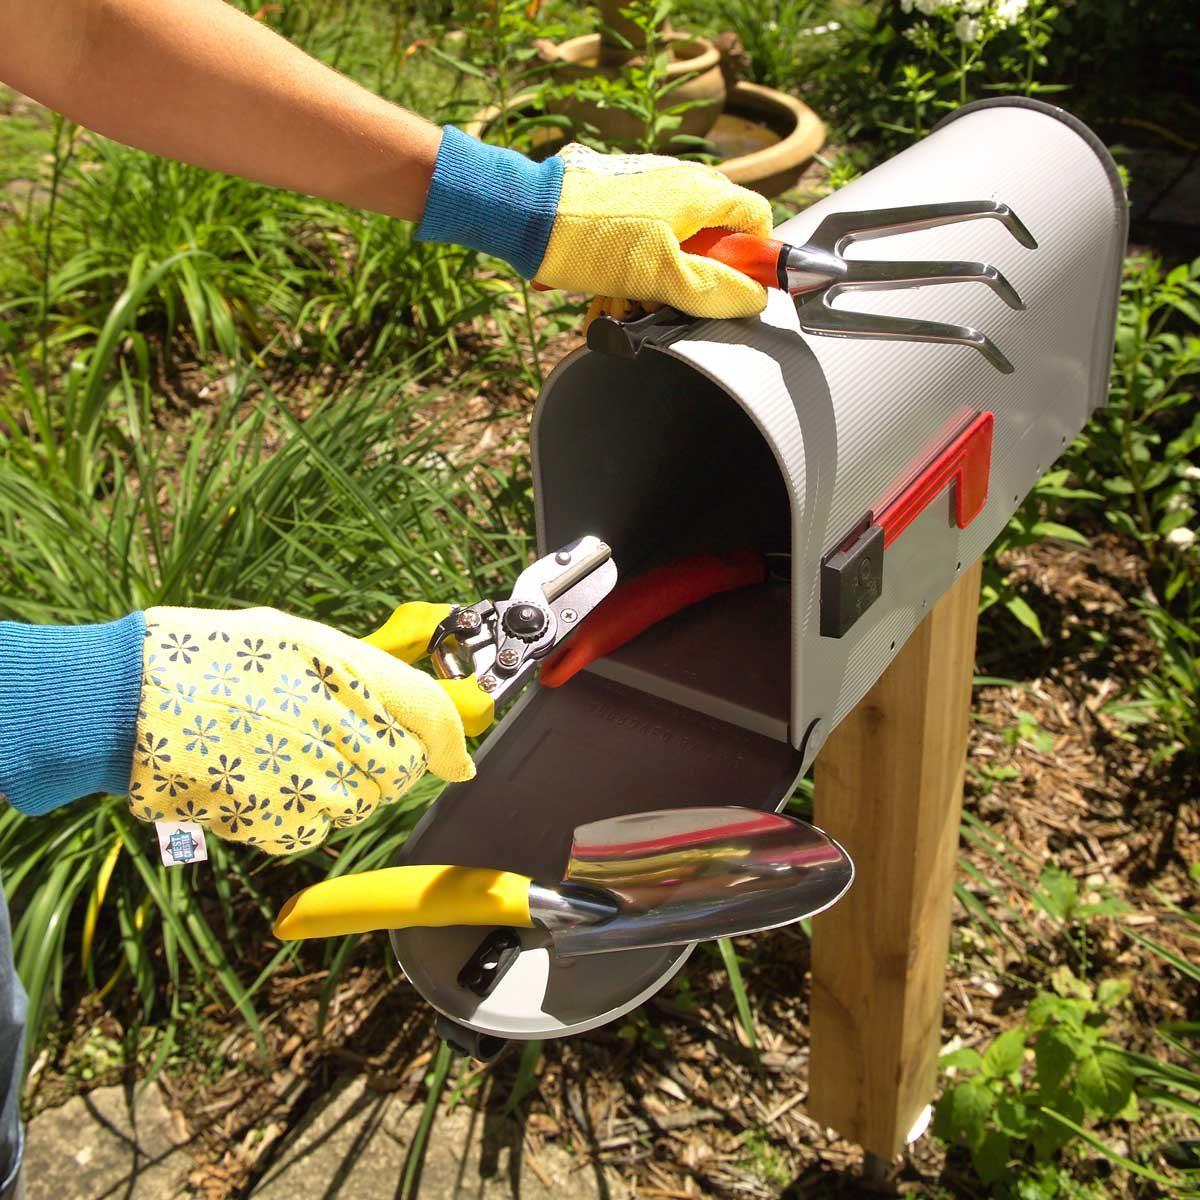 garden tool mailbox hideaway storage